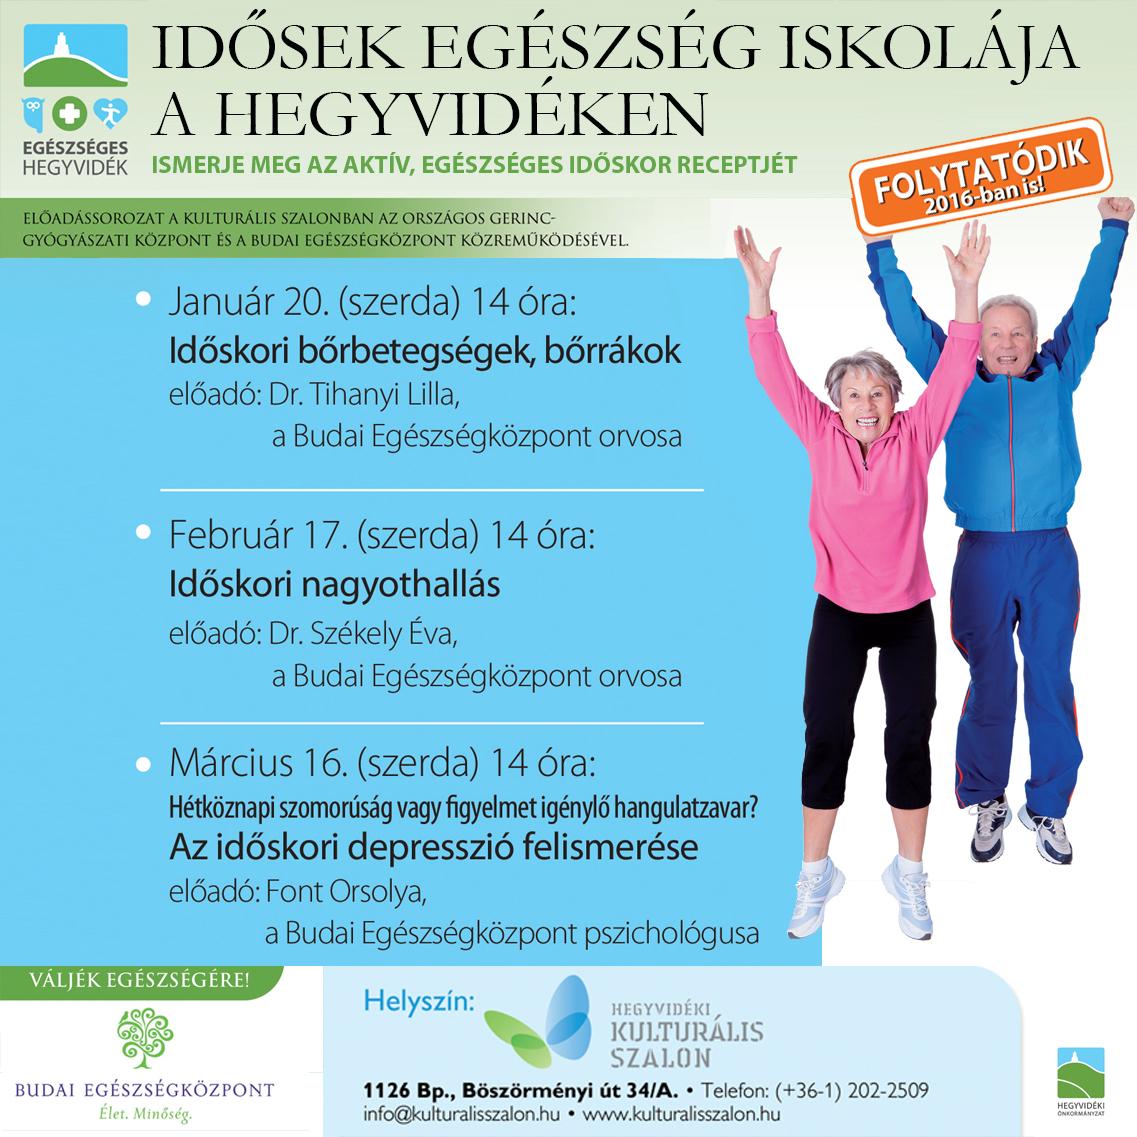 Idősek Egészség Iskolája, vagyis az Országos Gerincgyógyászati Központ és a Budai Egészségközpont közös előadássorozatának plakátja